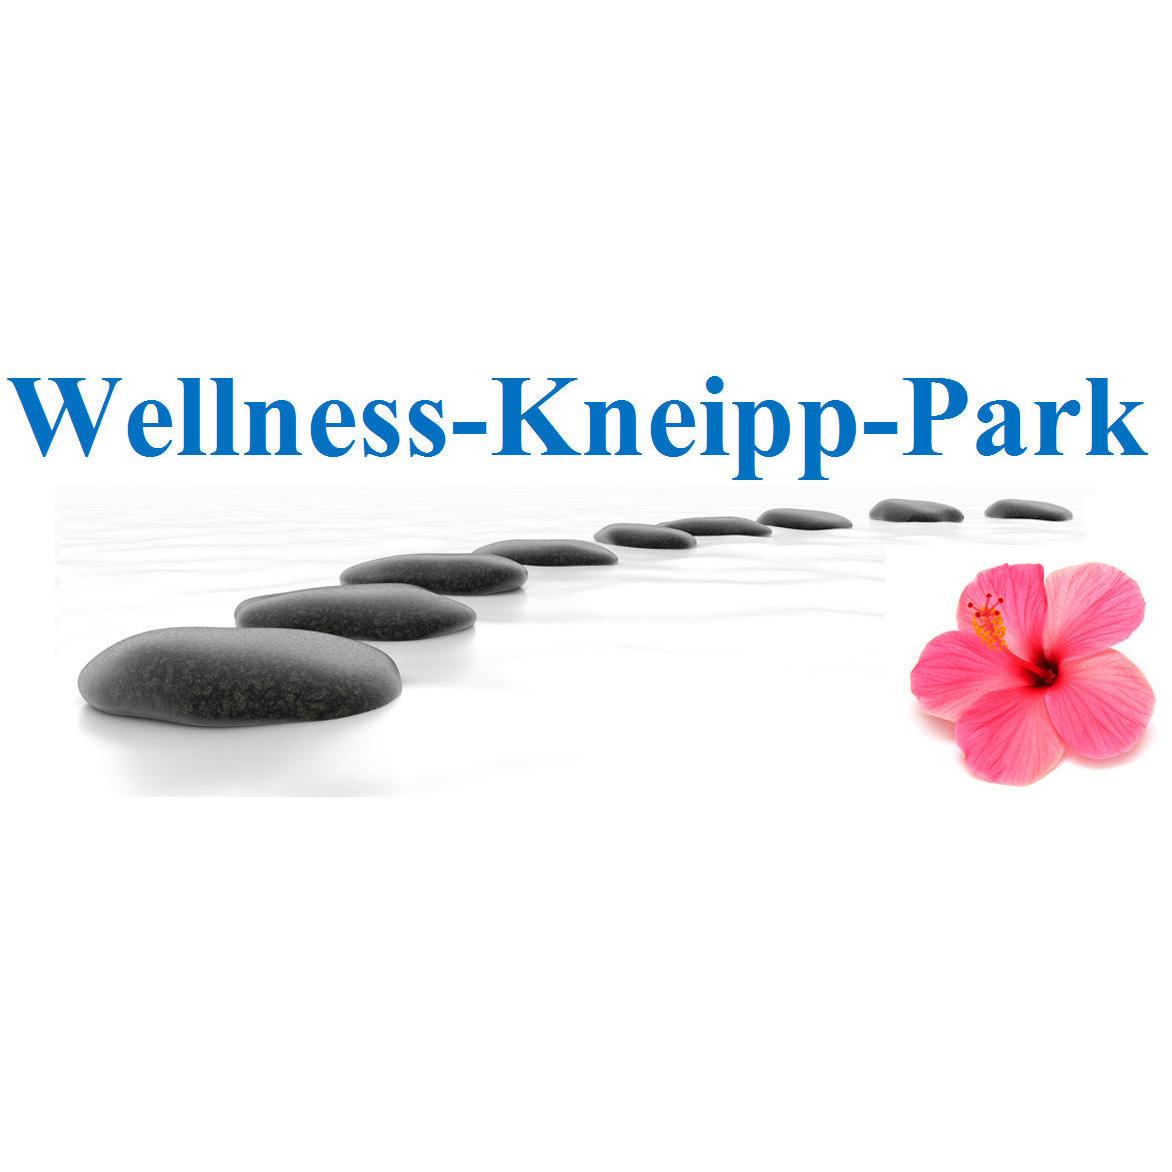 Wellness-Kneipp-Park